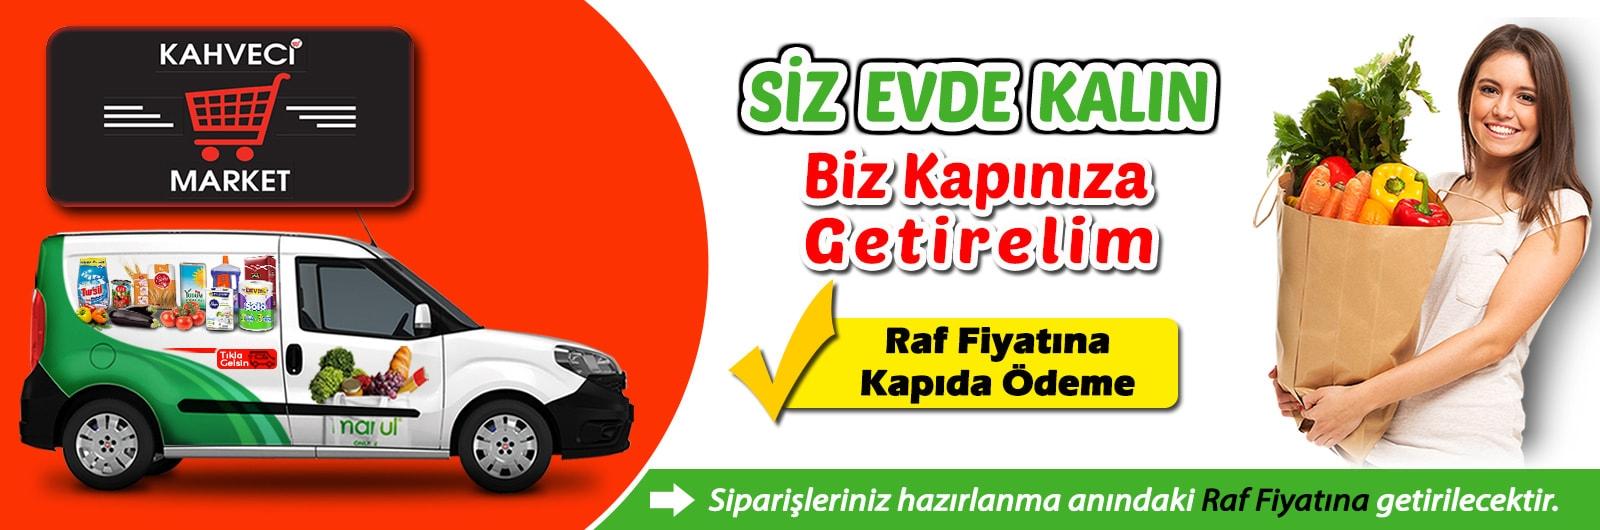 Kahveci Market Online Market Alışverişi